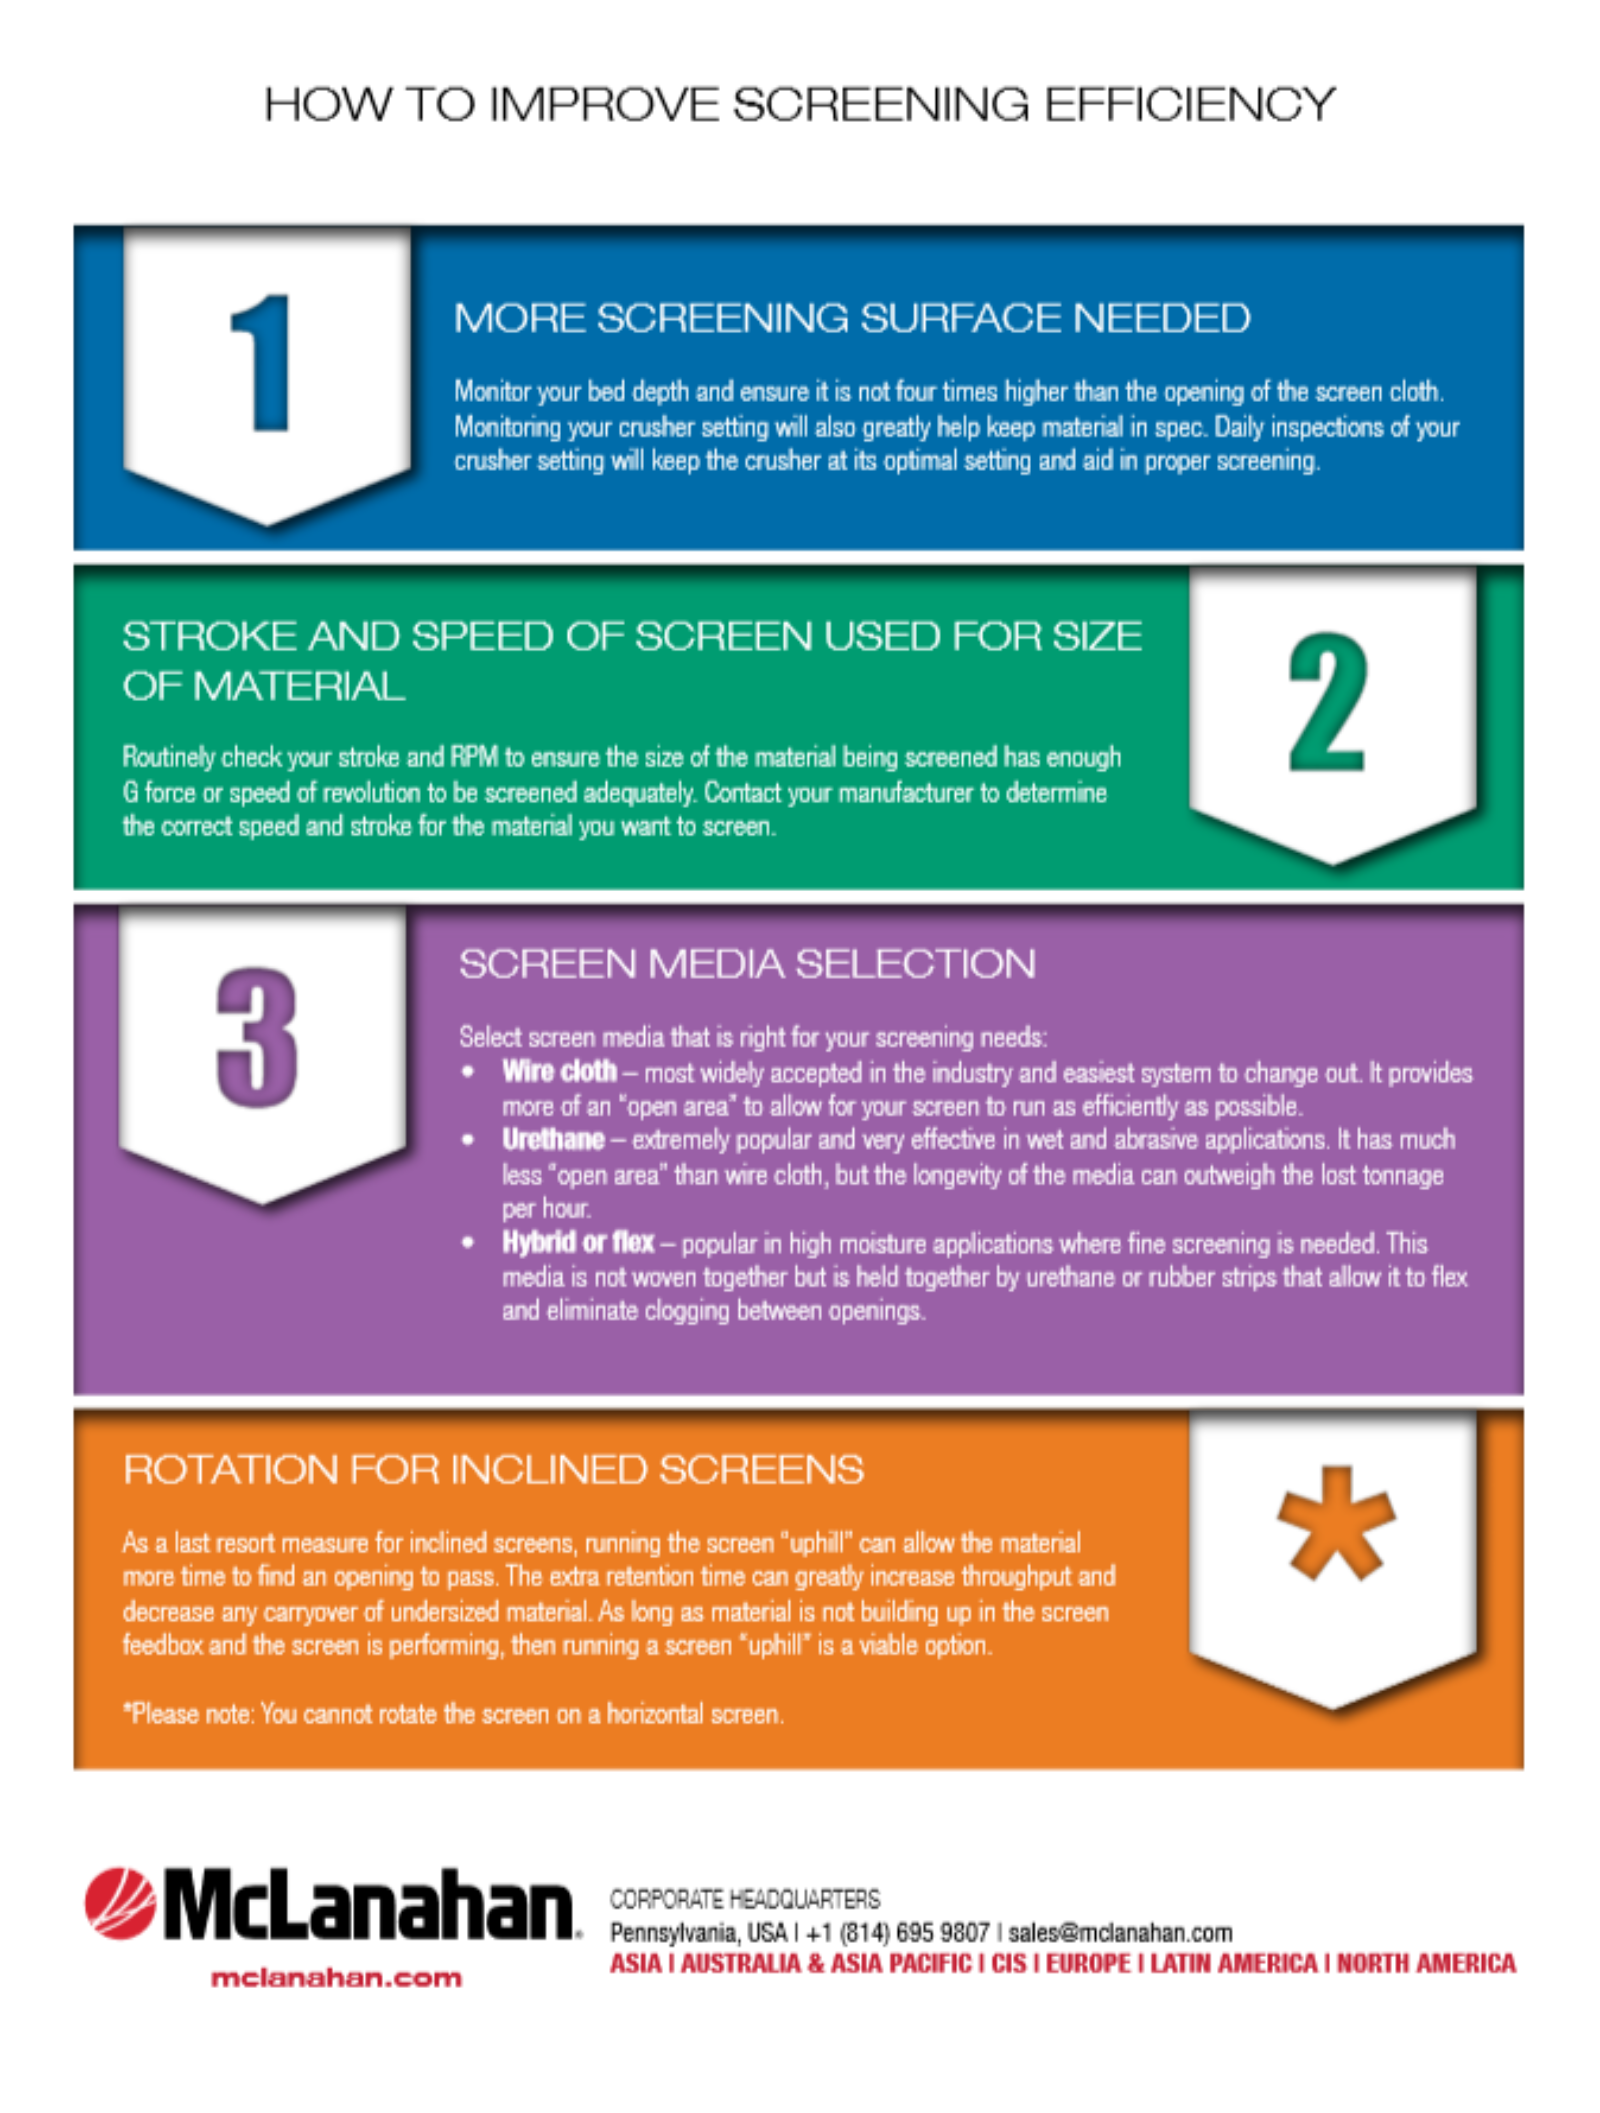 Screening Efficiency Checklist